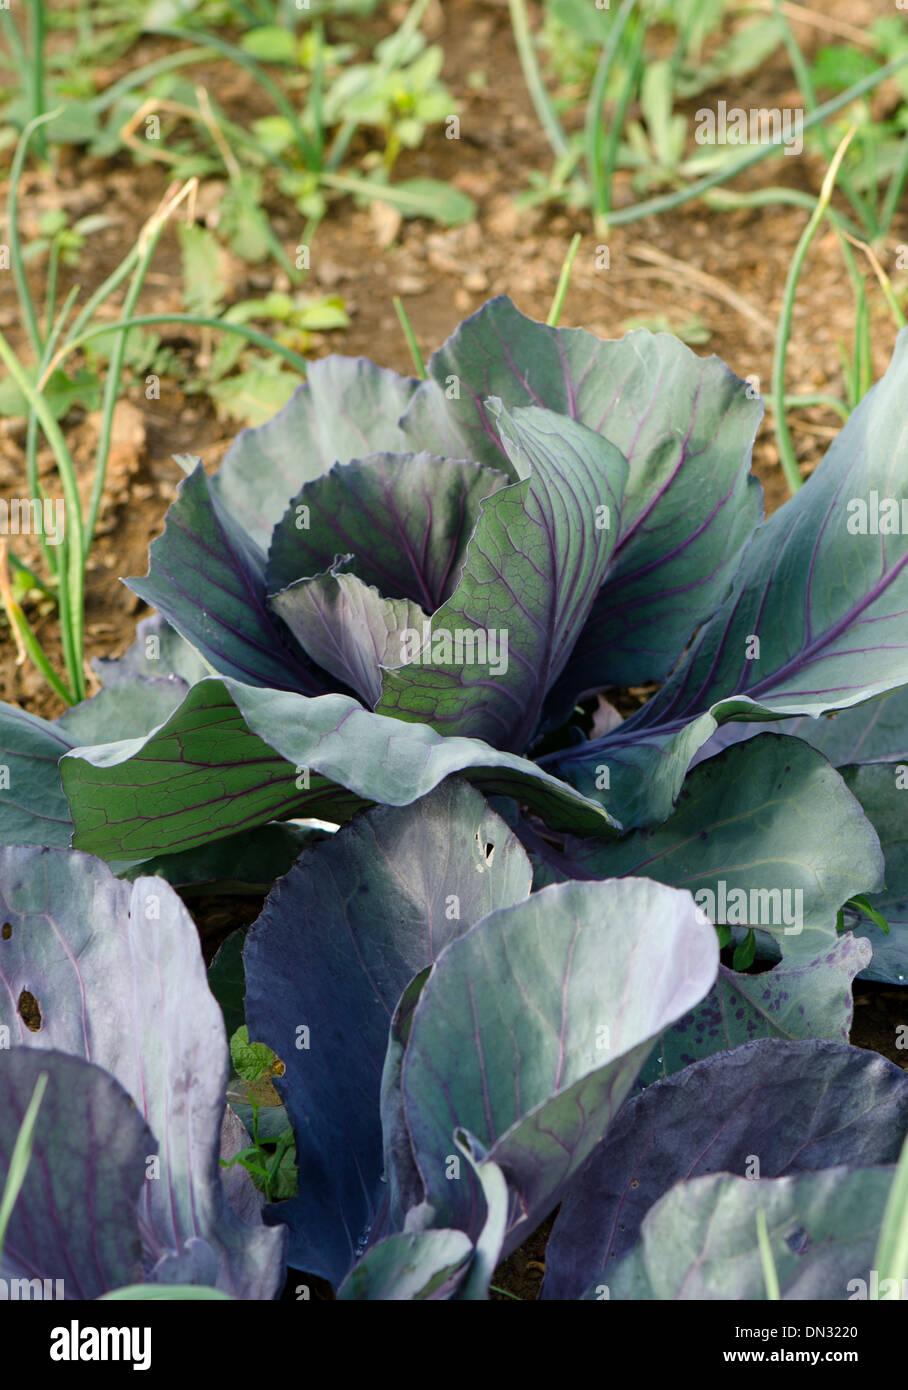 Cavolo rosso, Brassica oleracea var. capitata f. rubra, coltivazione di ortaggi in giardino nel sud della Spagna. Immagini Stock